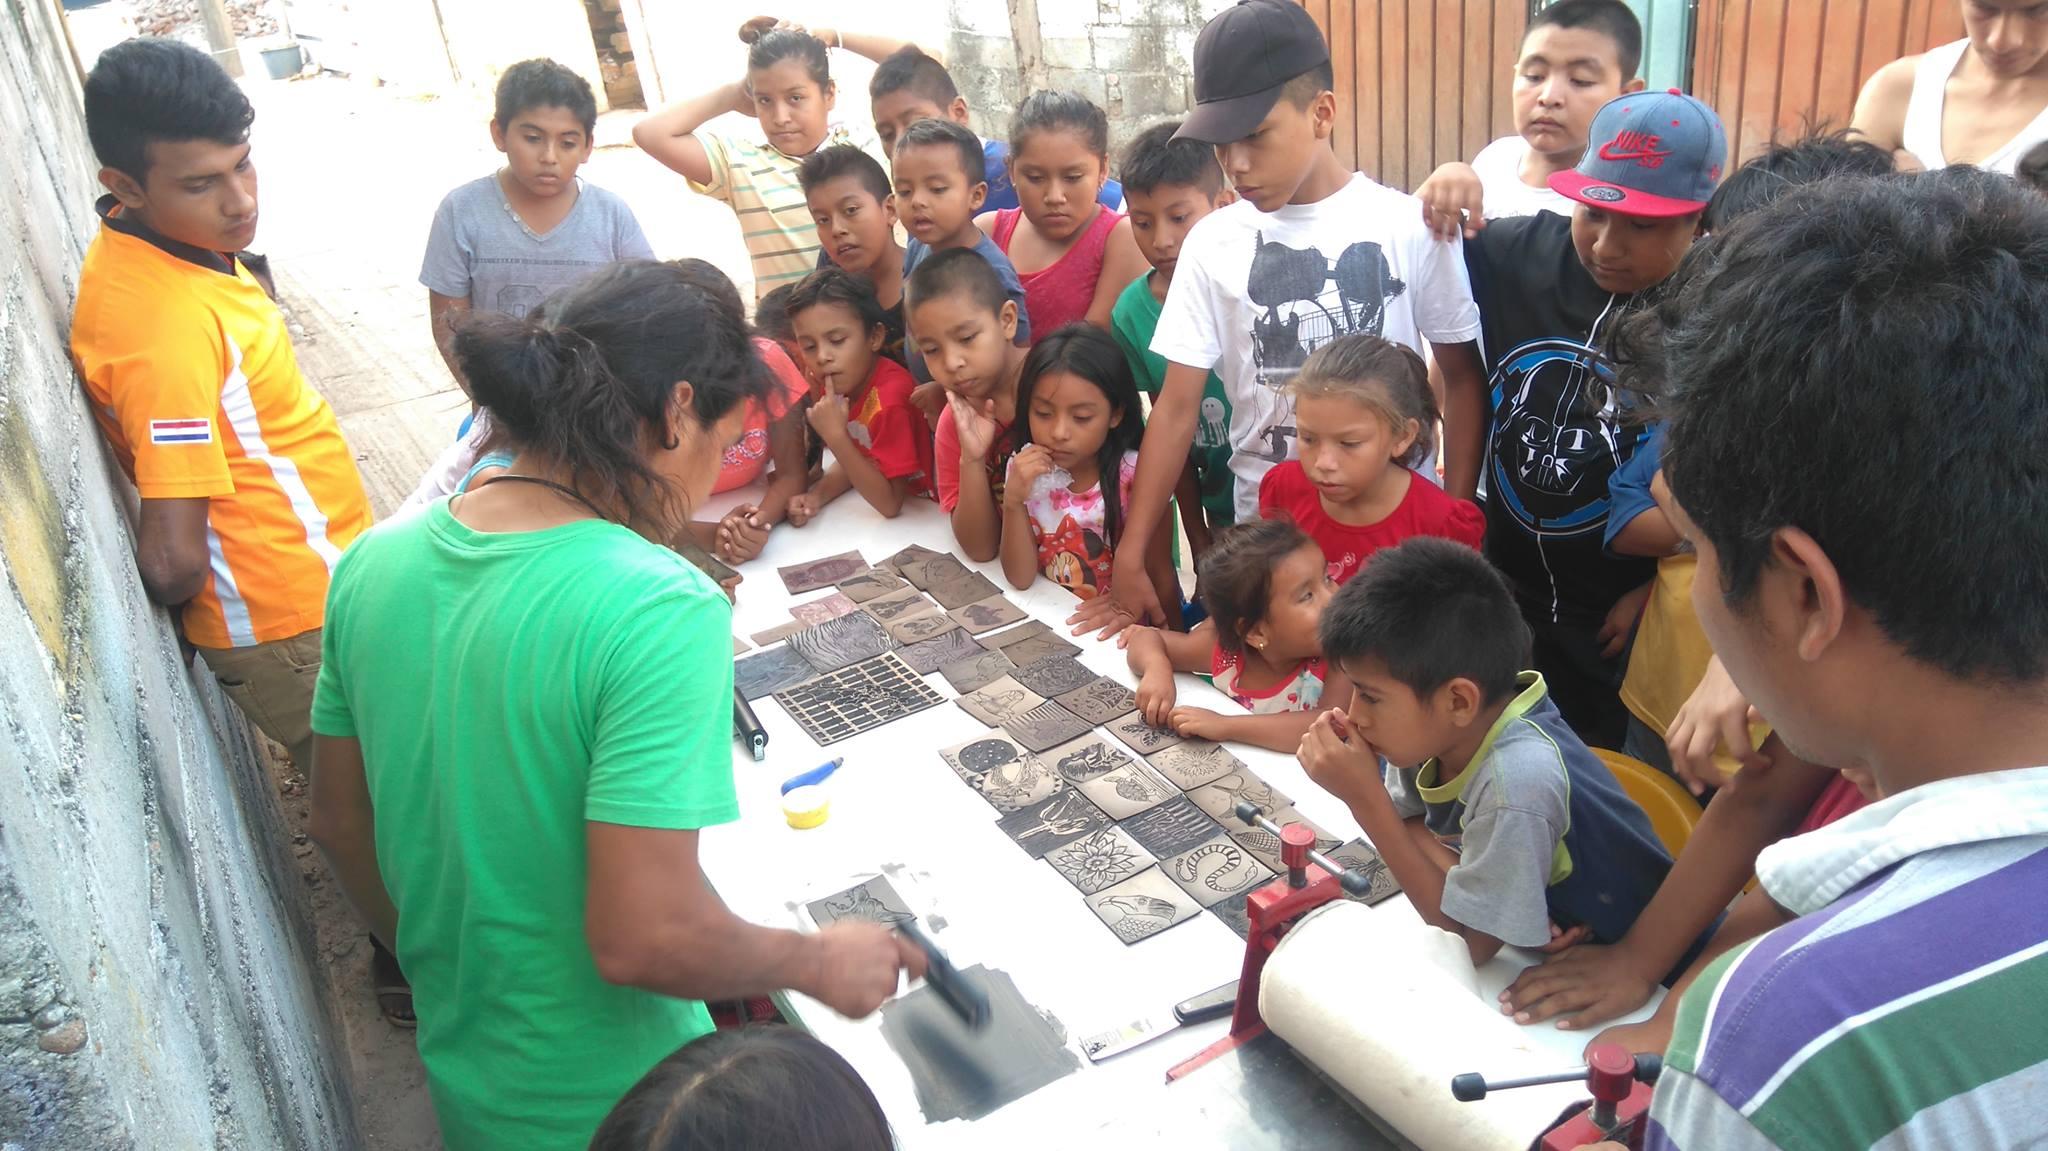 integrantes del Escuadrón Hormiguita tomando clases de arte